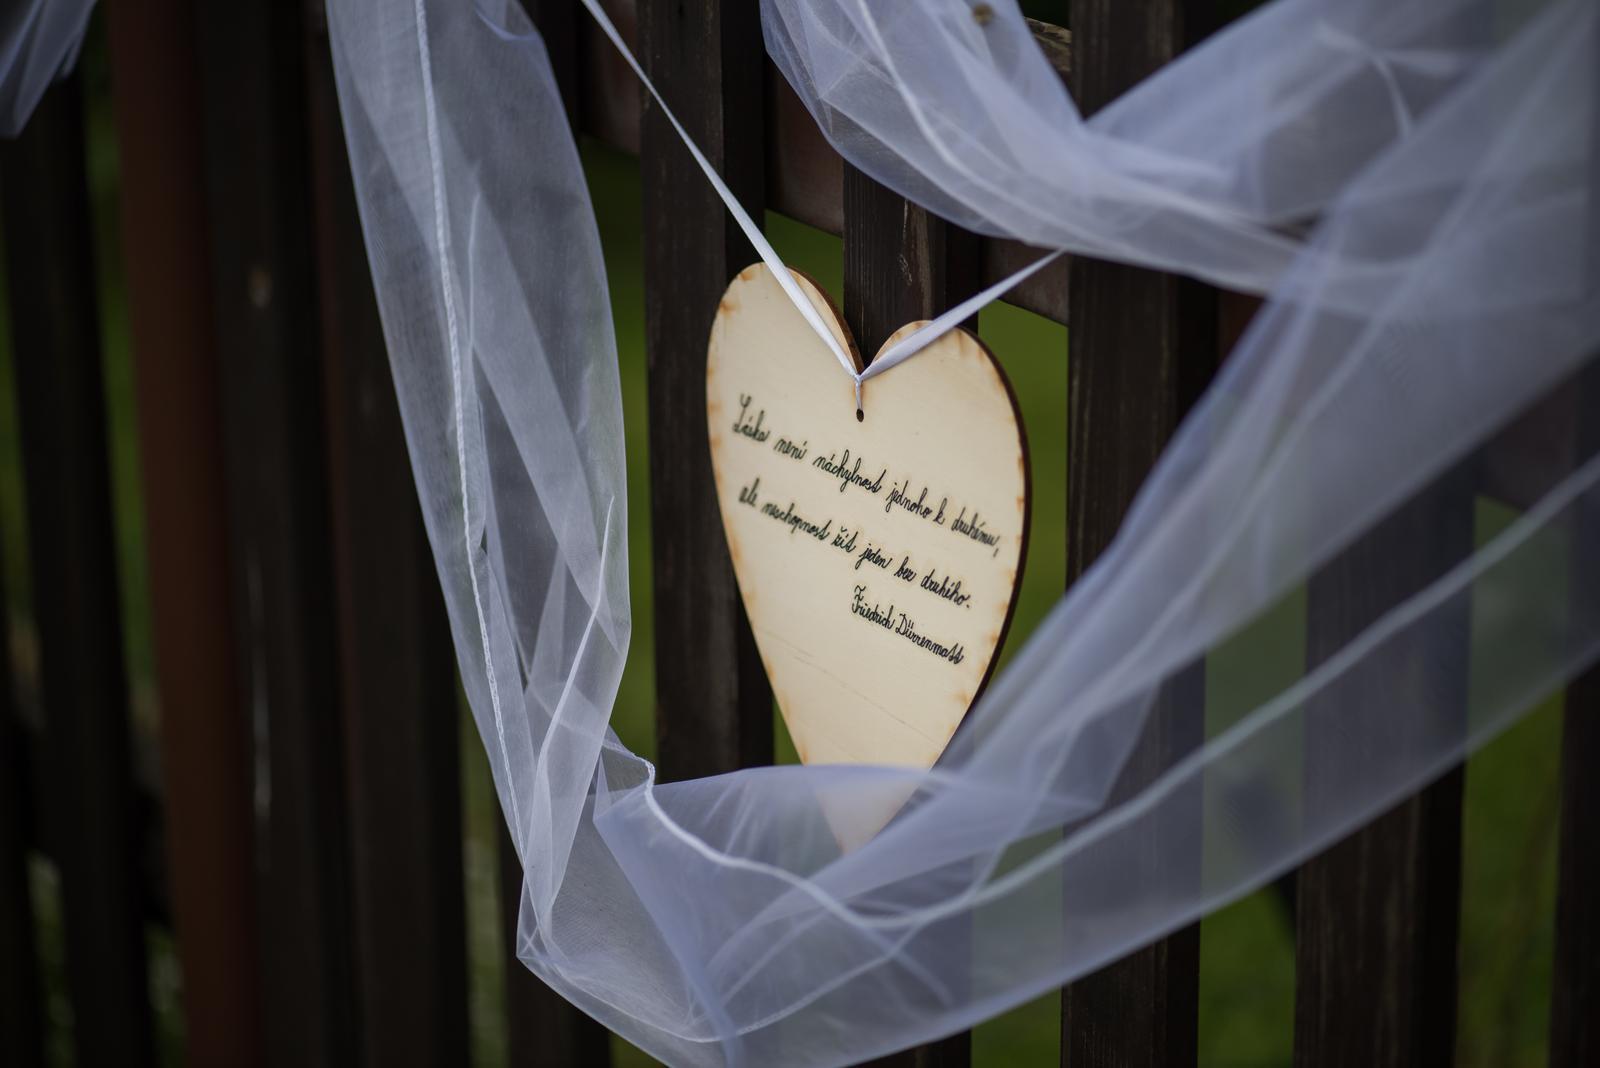 Gabriela{{_AND_}}Michal - Láska není náchylnost jednoho k druhému, ale neschopnost žít jeden bez druhého. :) (Náš oblíbený citát)